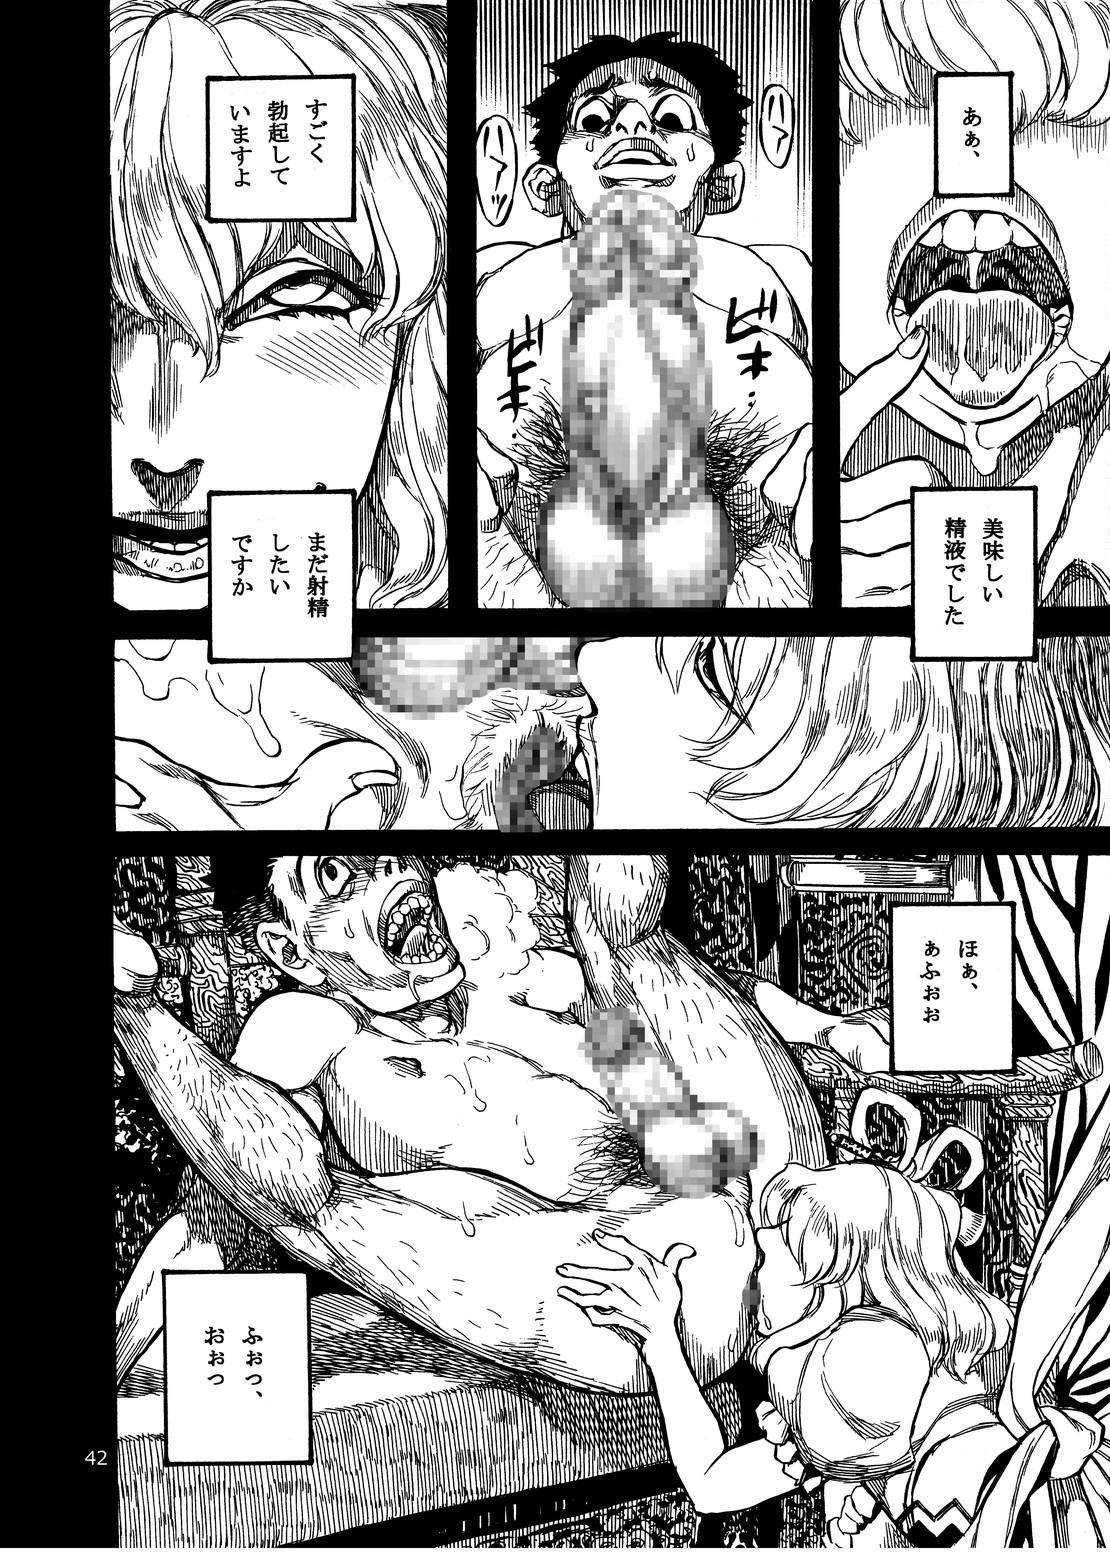 Shikibo Natsu 41